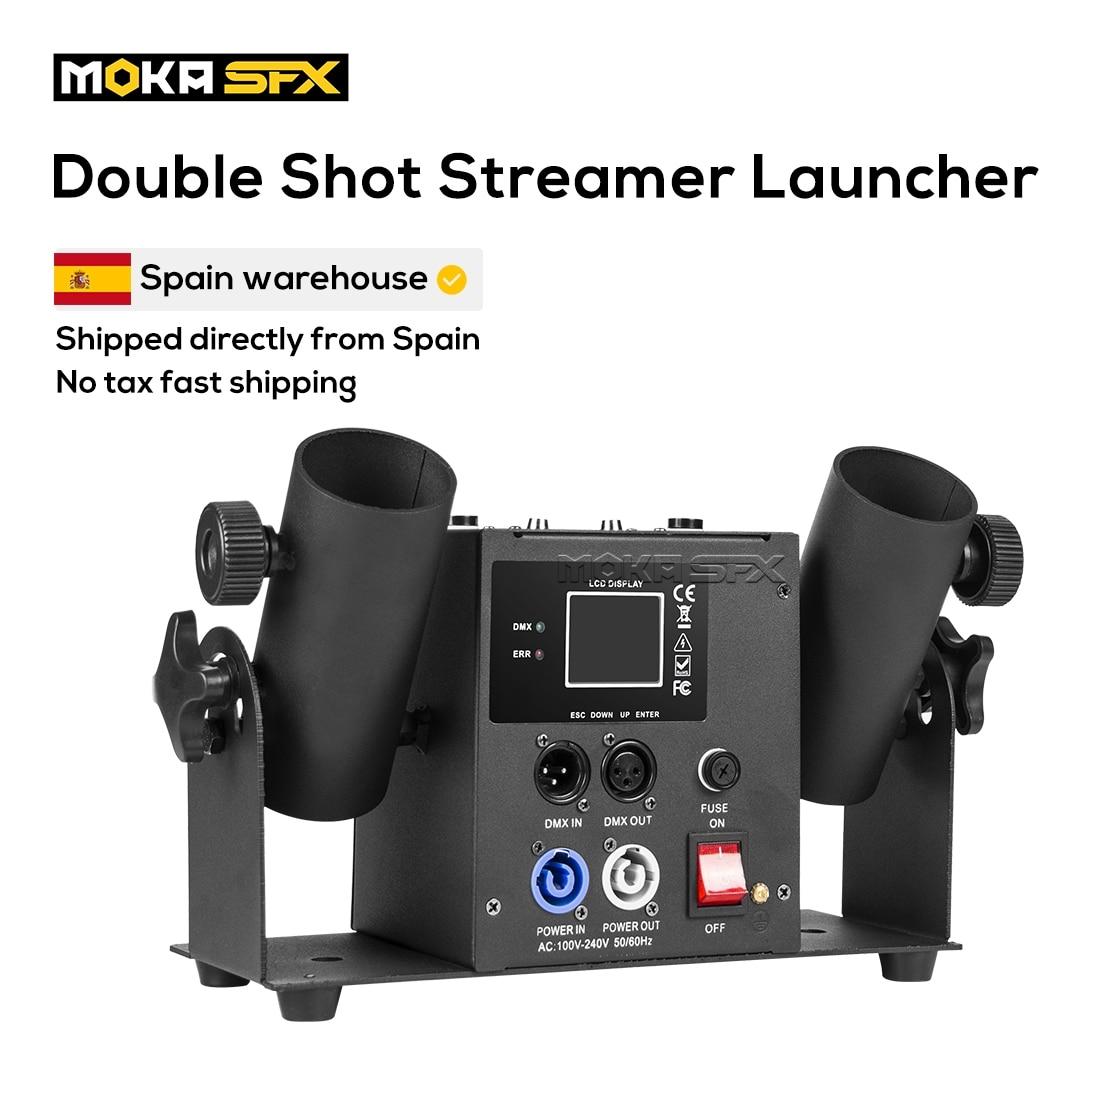 Двойной Выстрел Streamer Launcher конфетти машина DMX512 и пульт дистанционного управления свадебная машина конфетти Cannon сцена рождественское шоу